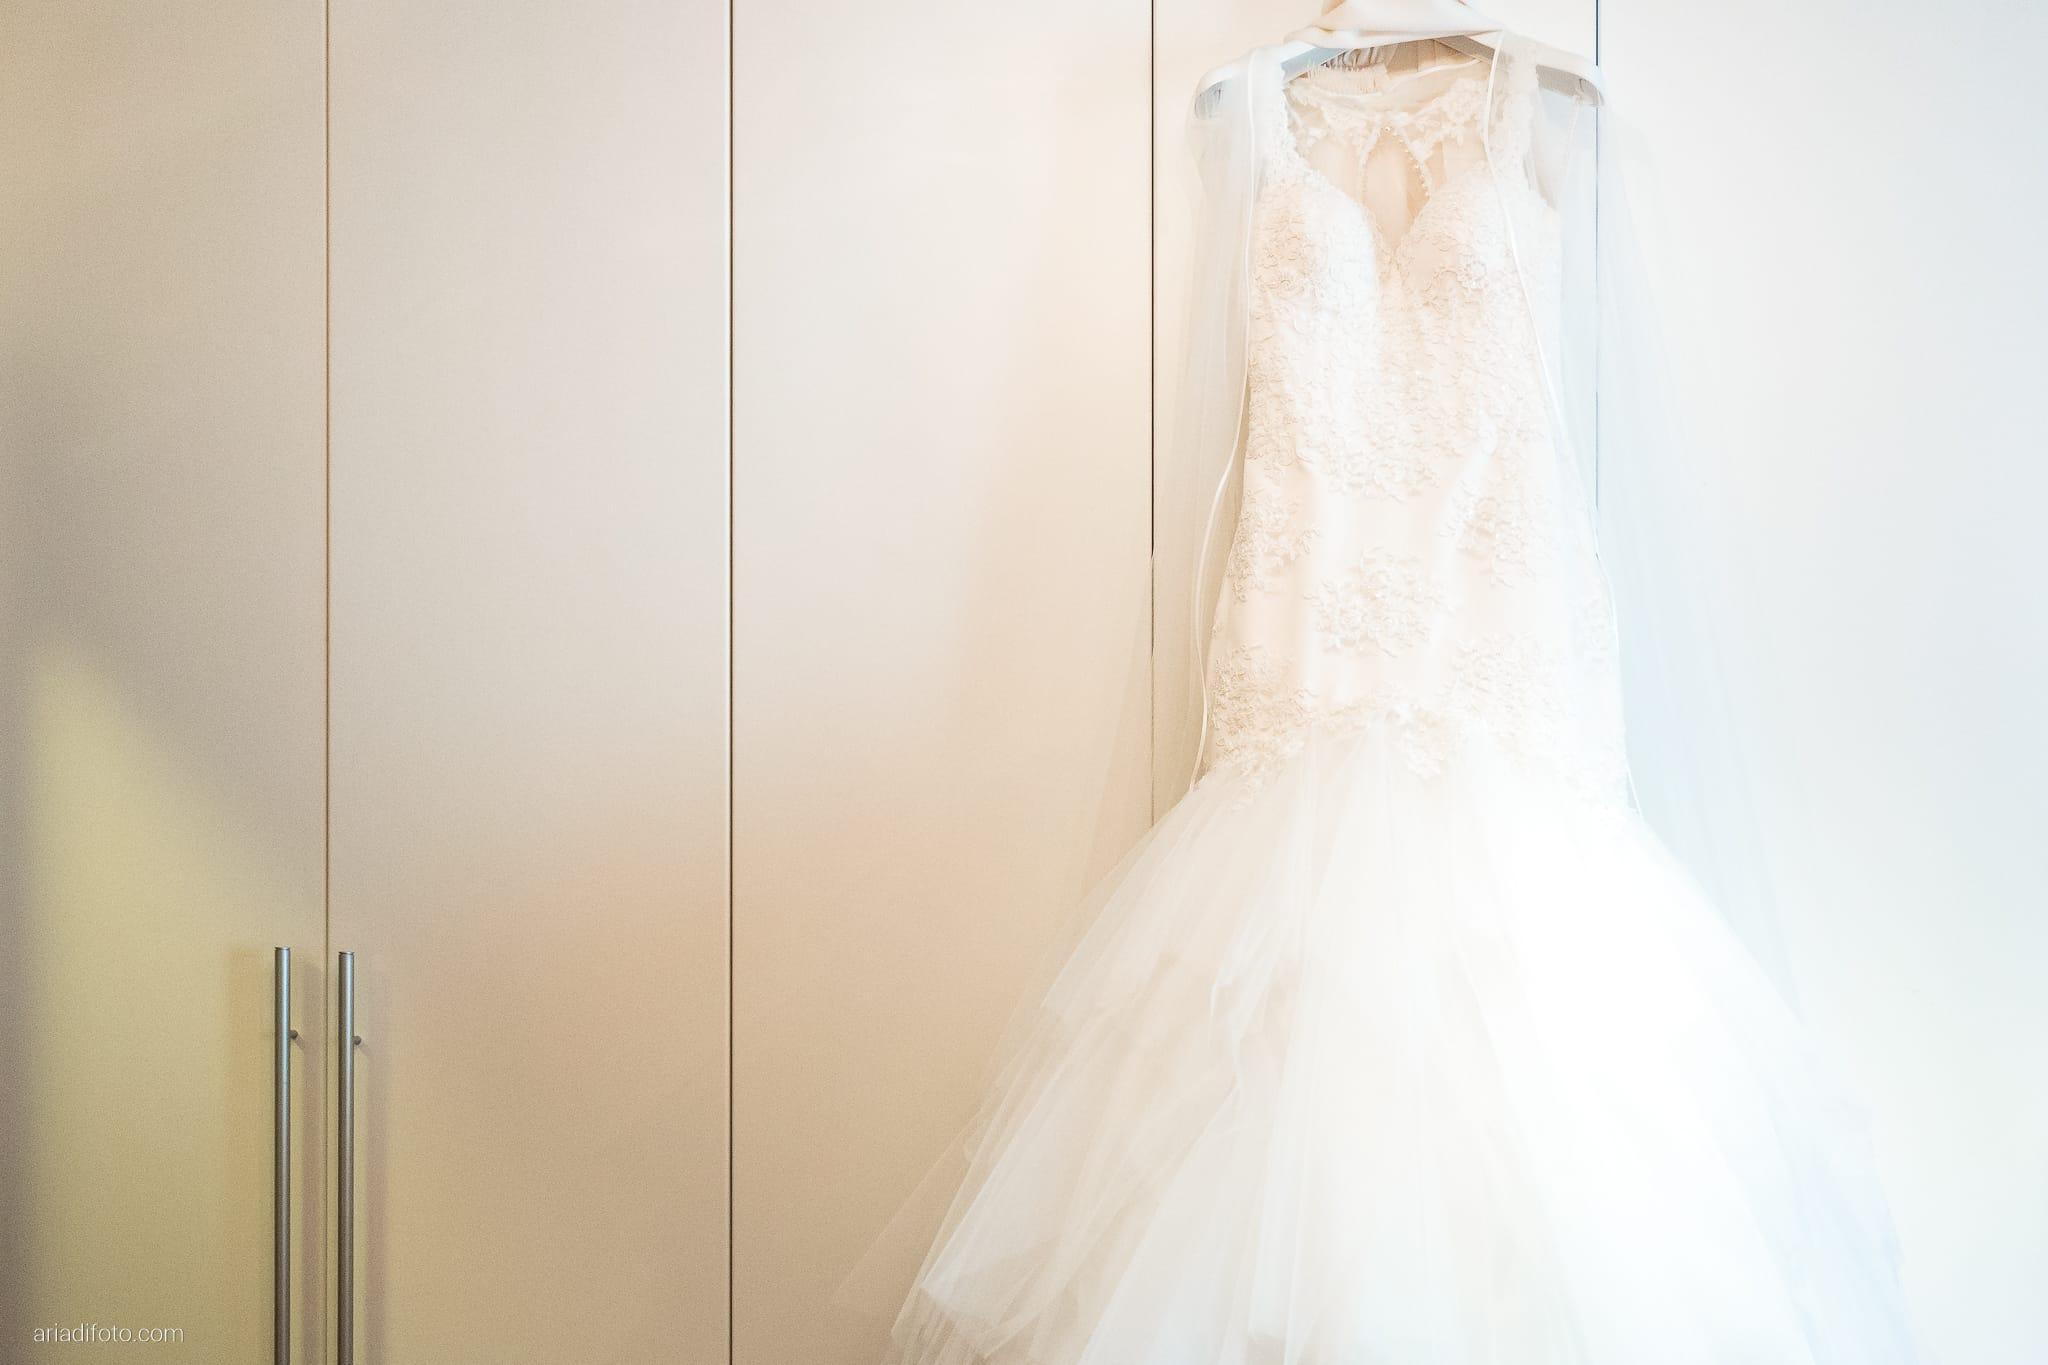 Erica Stefano Matrimonio Duino Castello Spessa Capriva Del Friuli Gorizia preparativi dettagli abito sposa